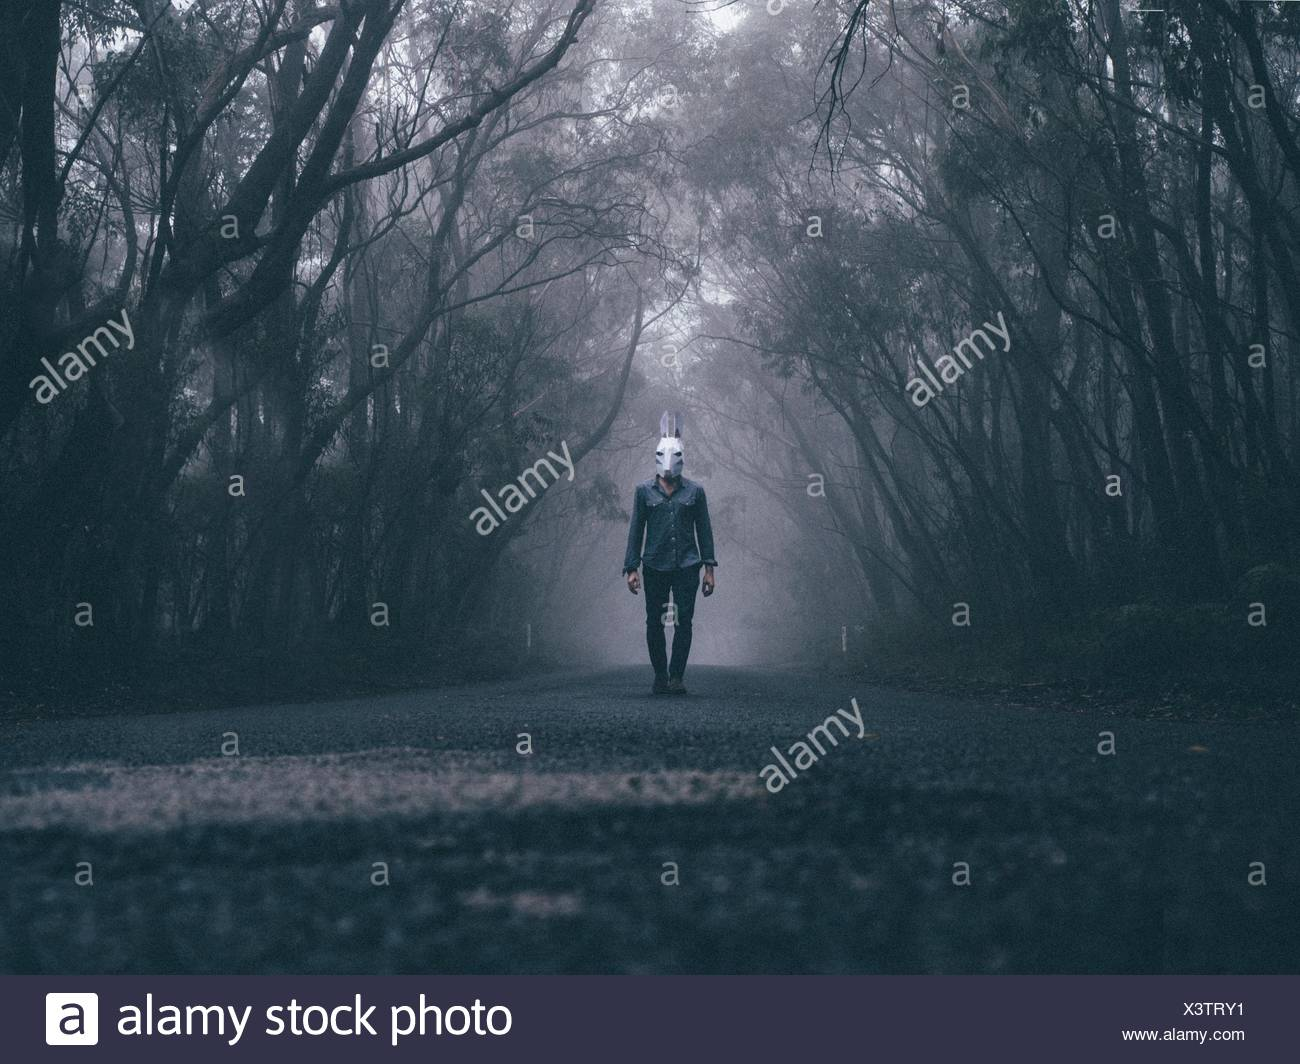 Uomo che indossa la maschera di coniglio su strada forestale Immagini Stock